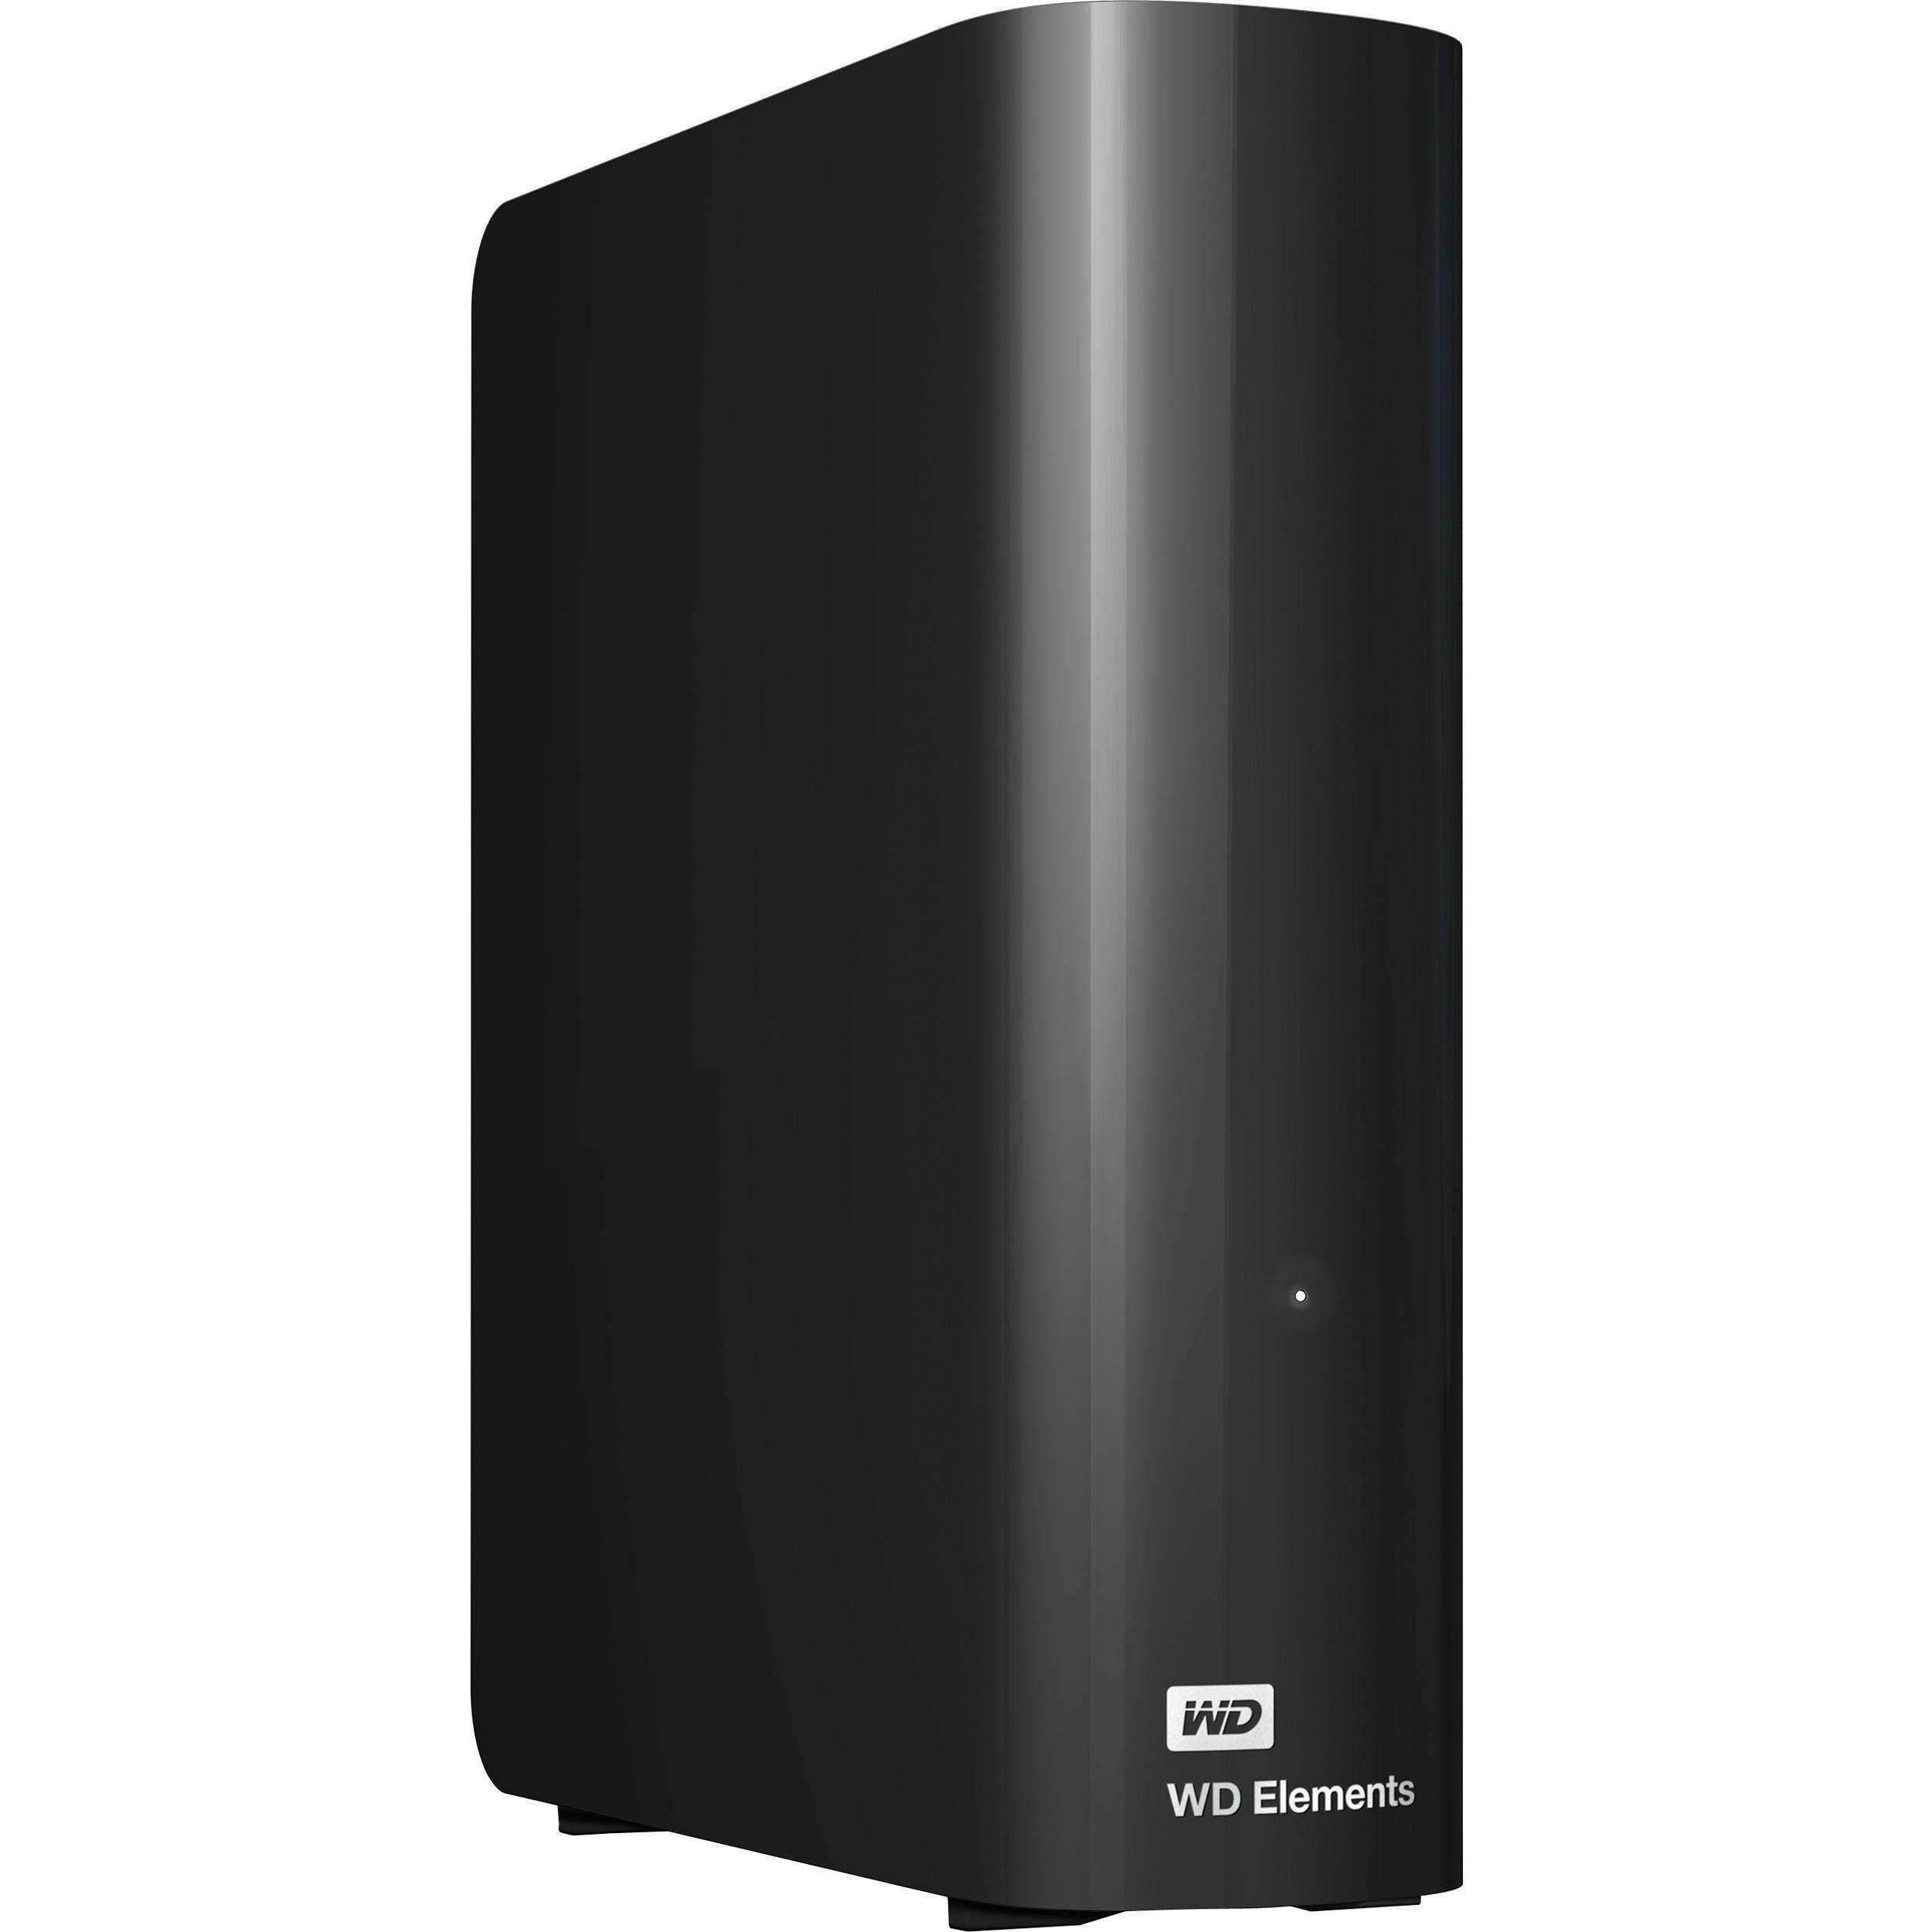 Wd 3tb elements external desktop hard disk wdbwlg0030hbk nesn for 3tb esterno